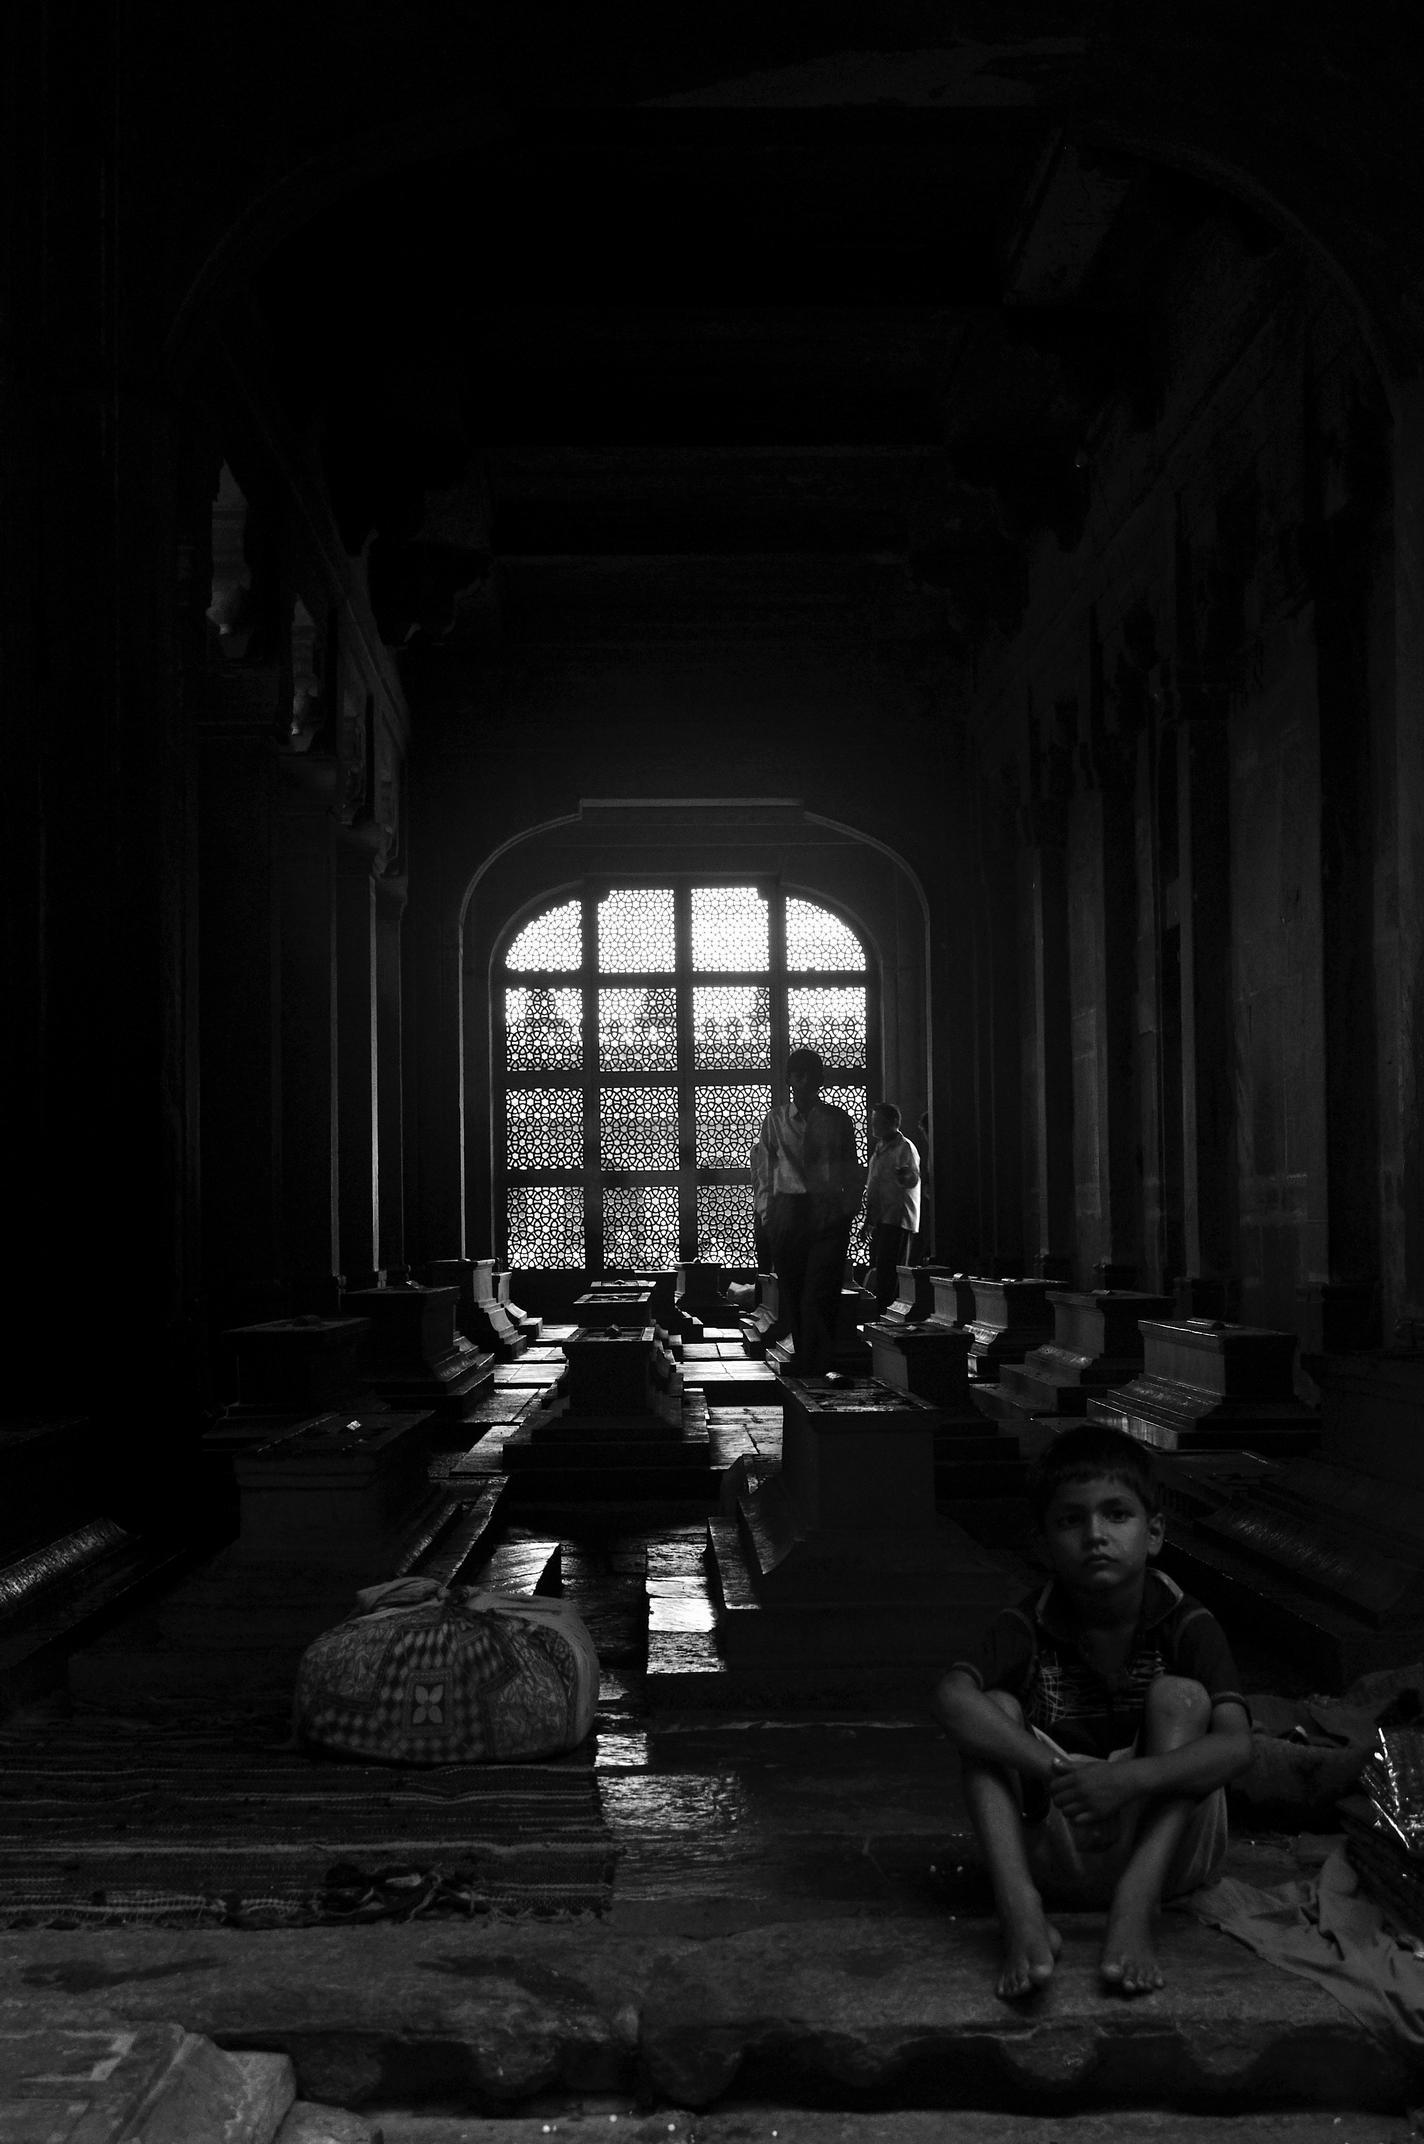 shaikh-salim-chishti-dargah-7_4981922746_o